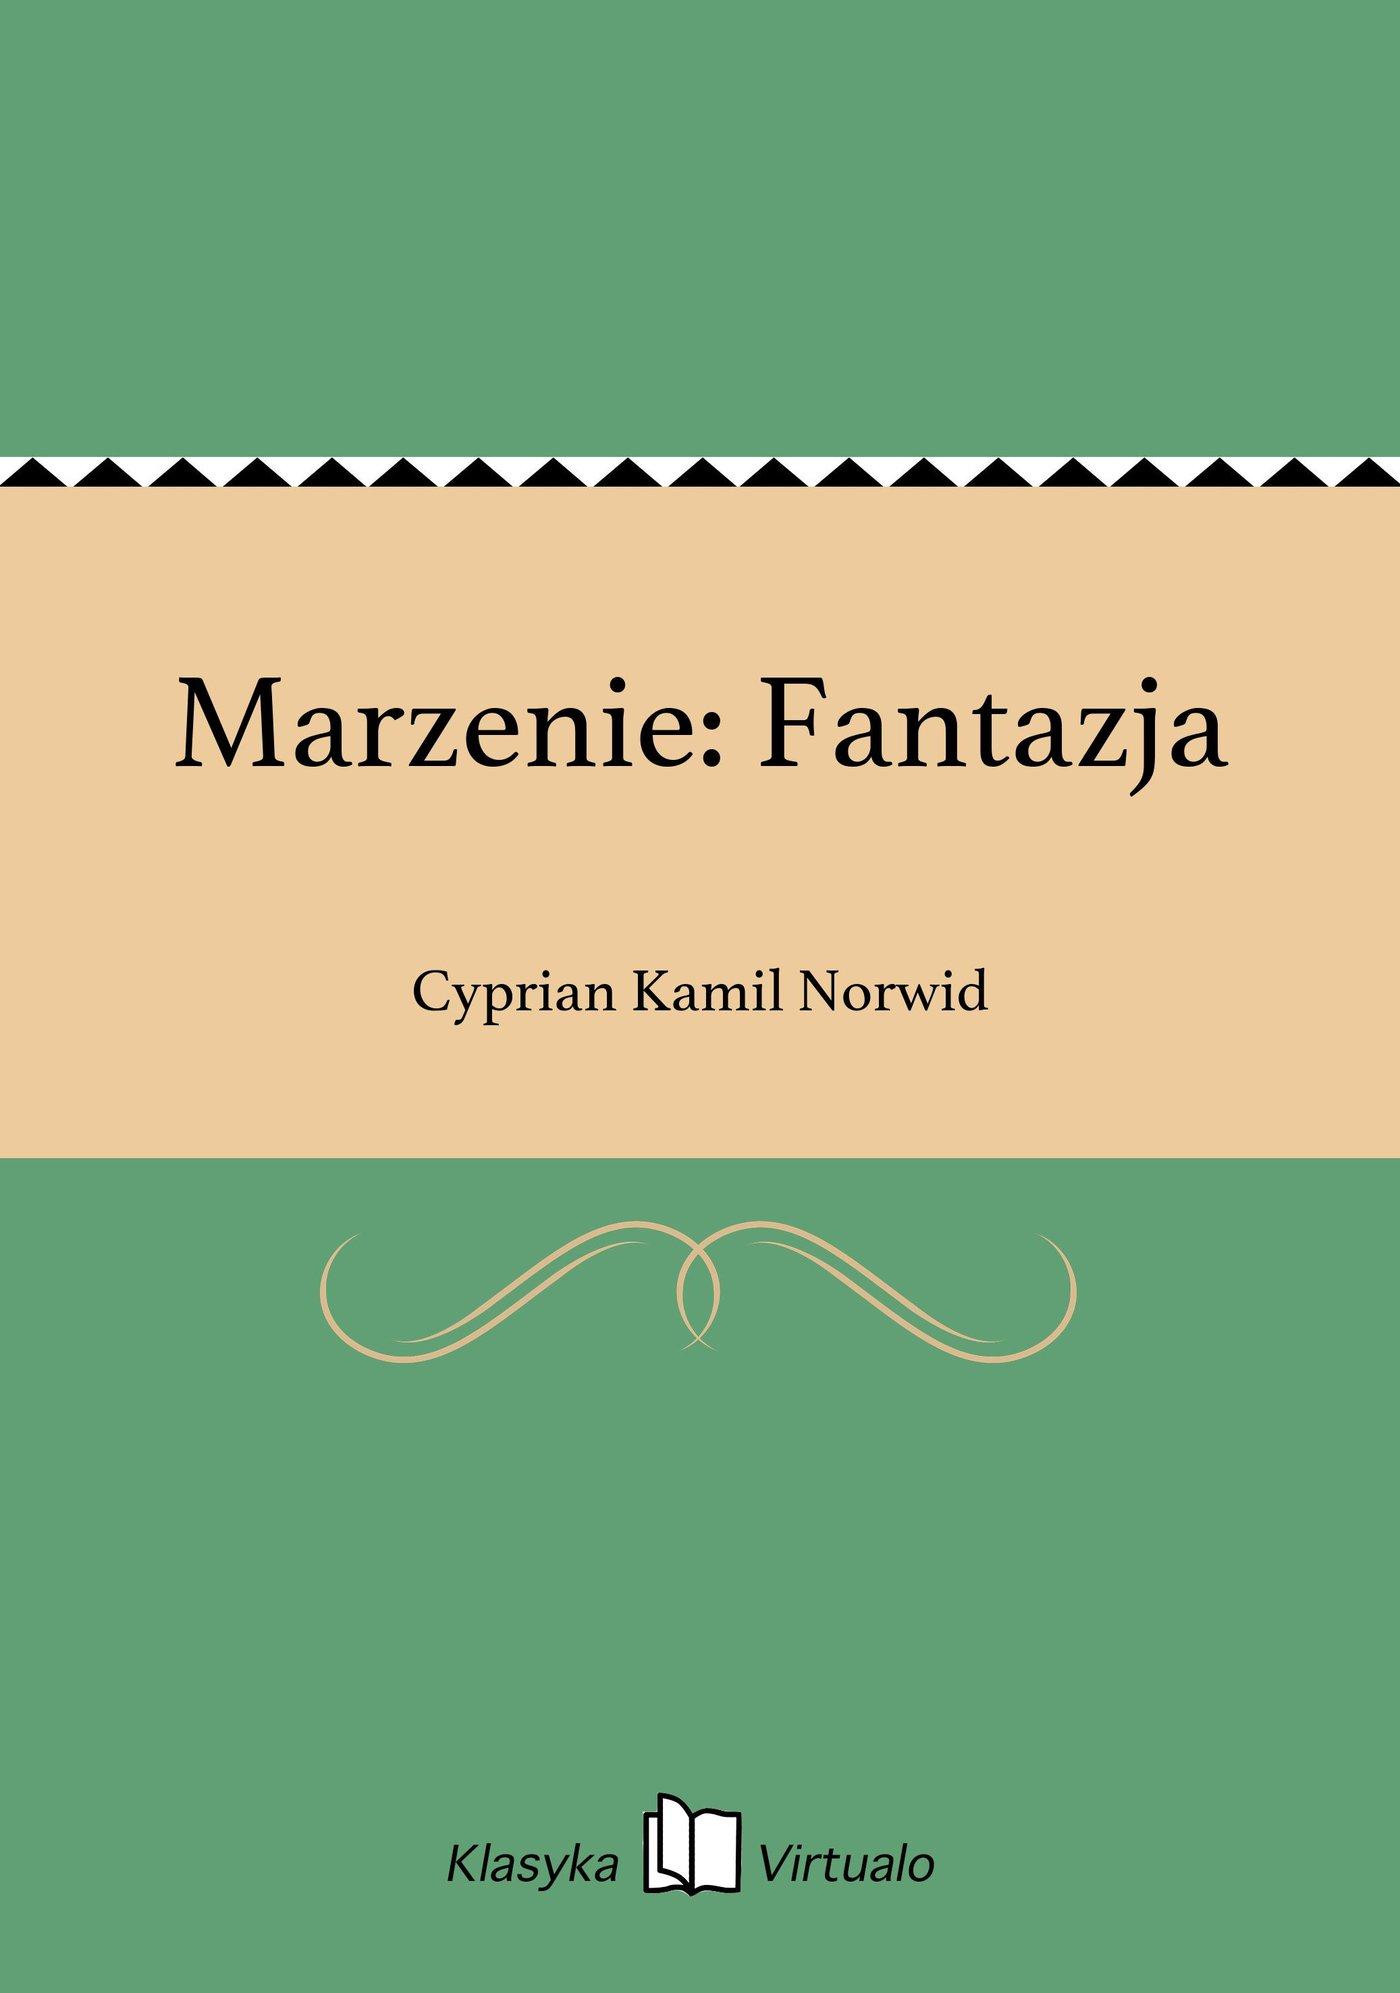 Marzenie: Fantazja - Ebook (Książka EPUB) do pobrania w formacie EPUB